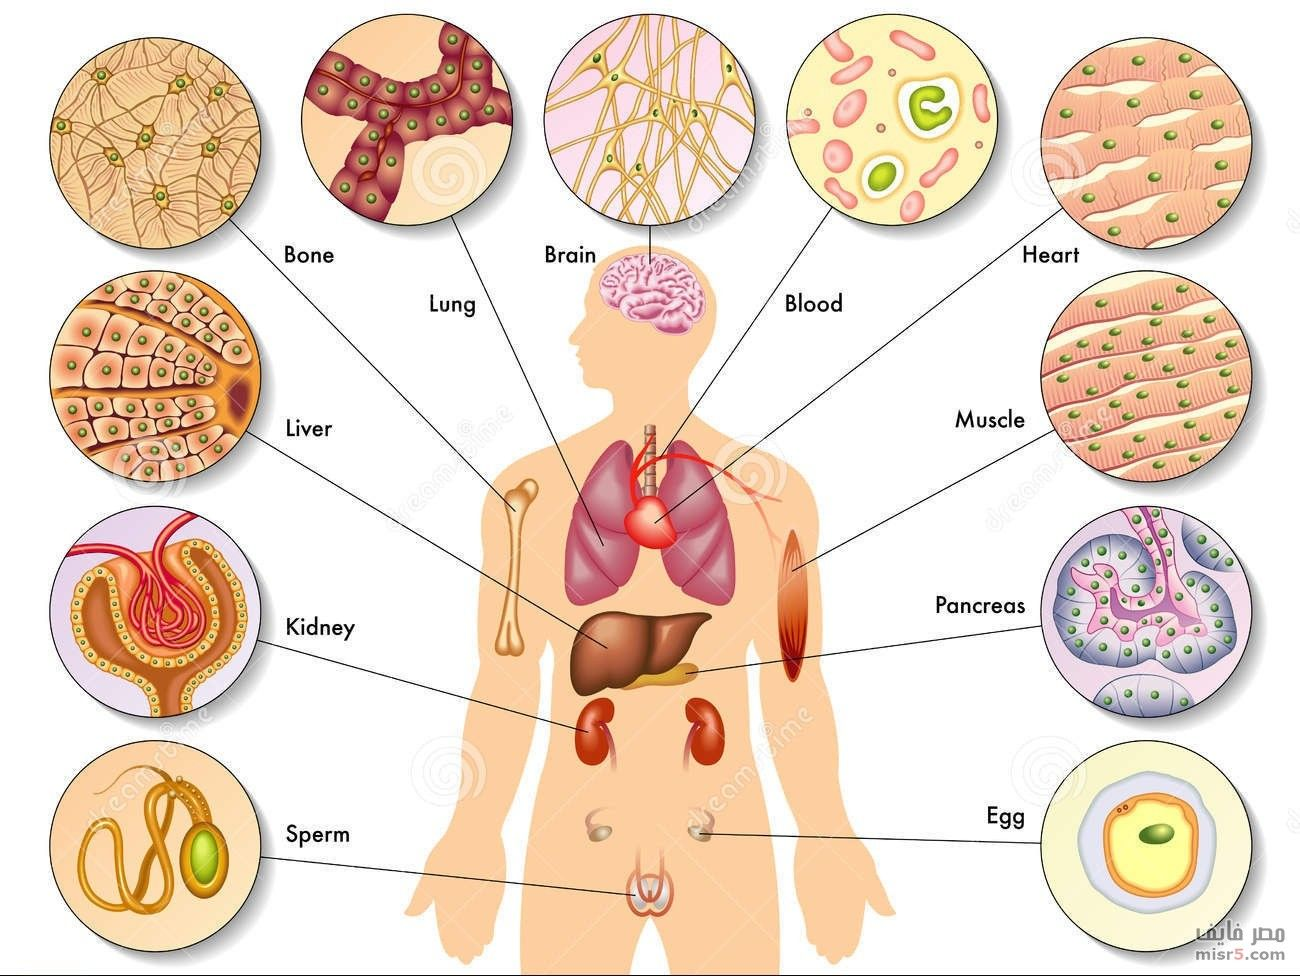 تجديد خلايا الجسم كل 6 شهور Body Cells Human Body Body